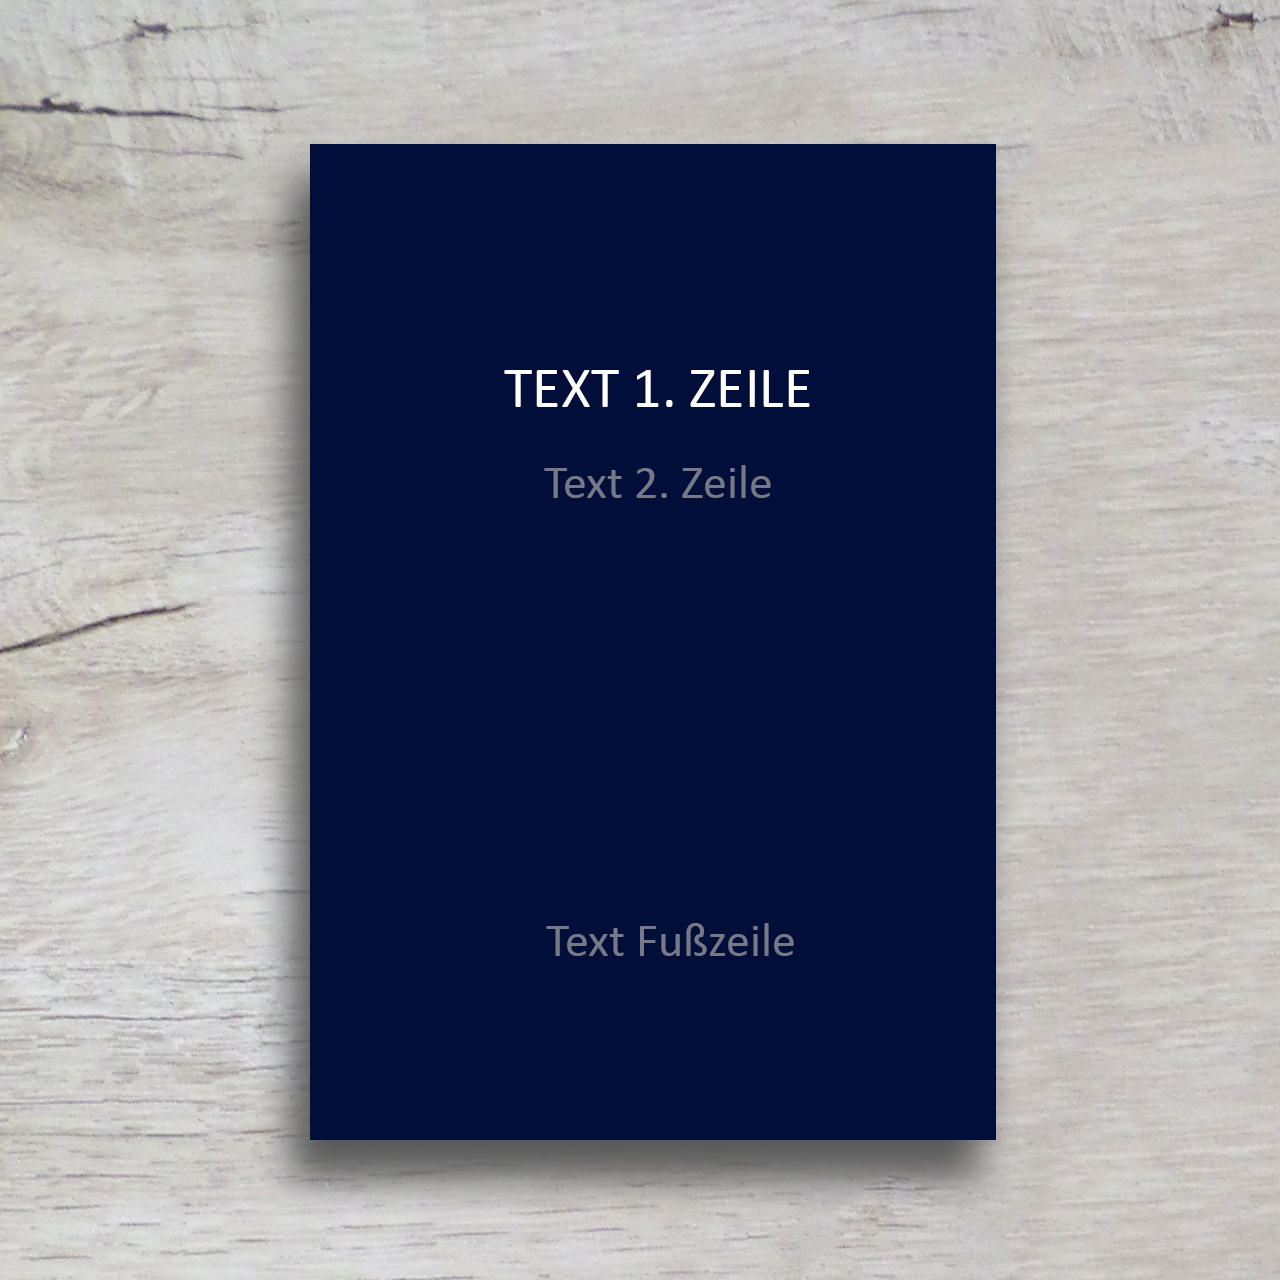 Bild-Text-1-Zeile